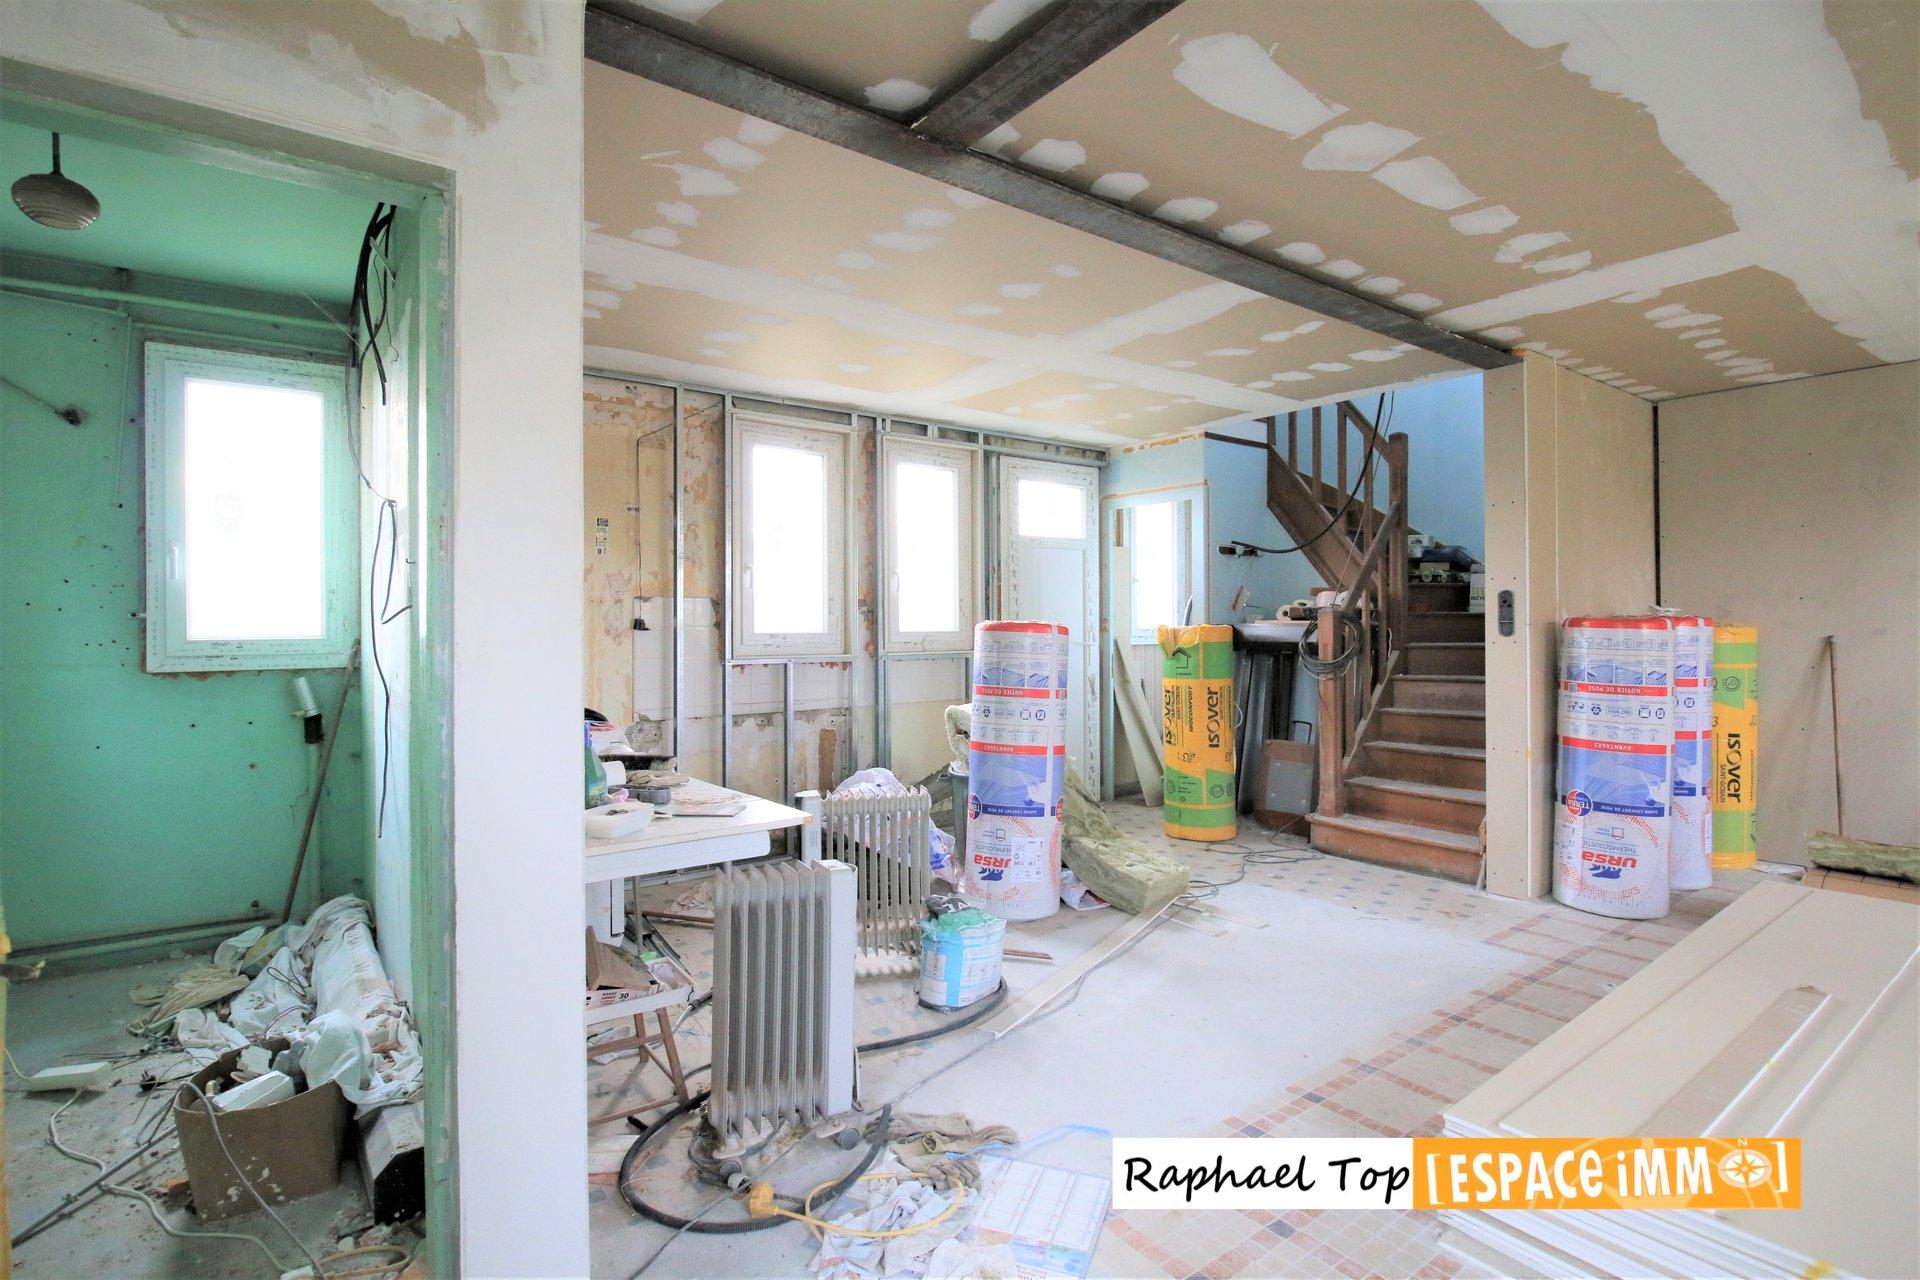 Maison 4 pièces à rénover